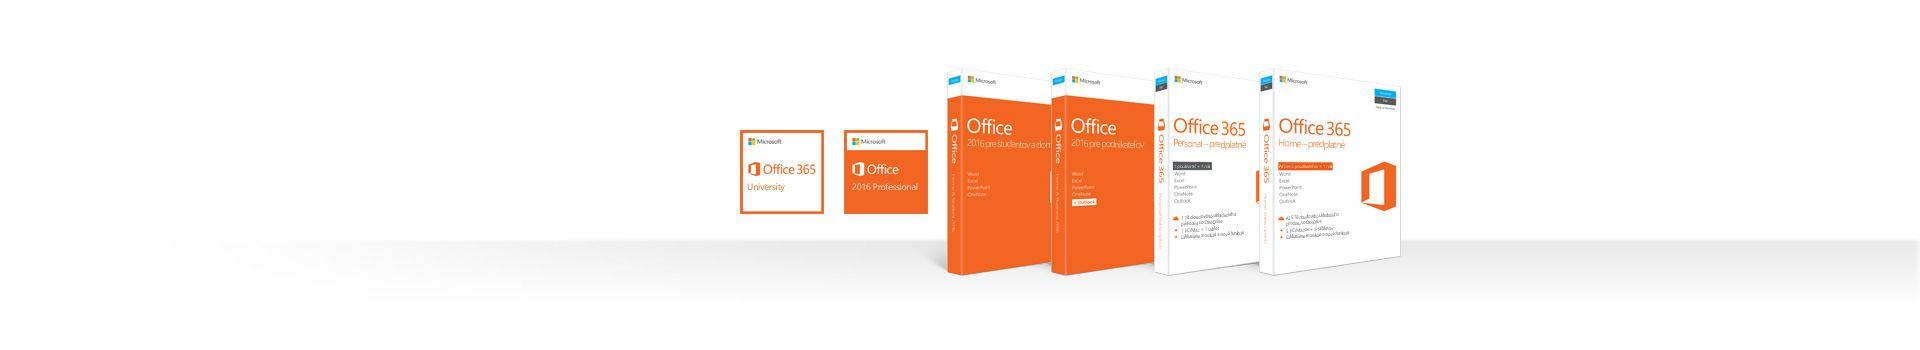 Rad zabalených produktov Office 2016 aOffice 365 pre počítač